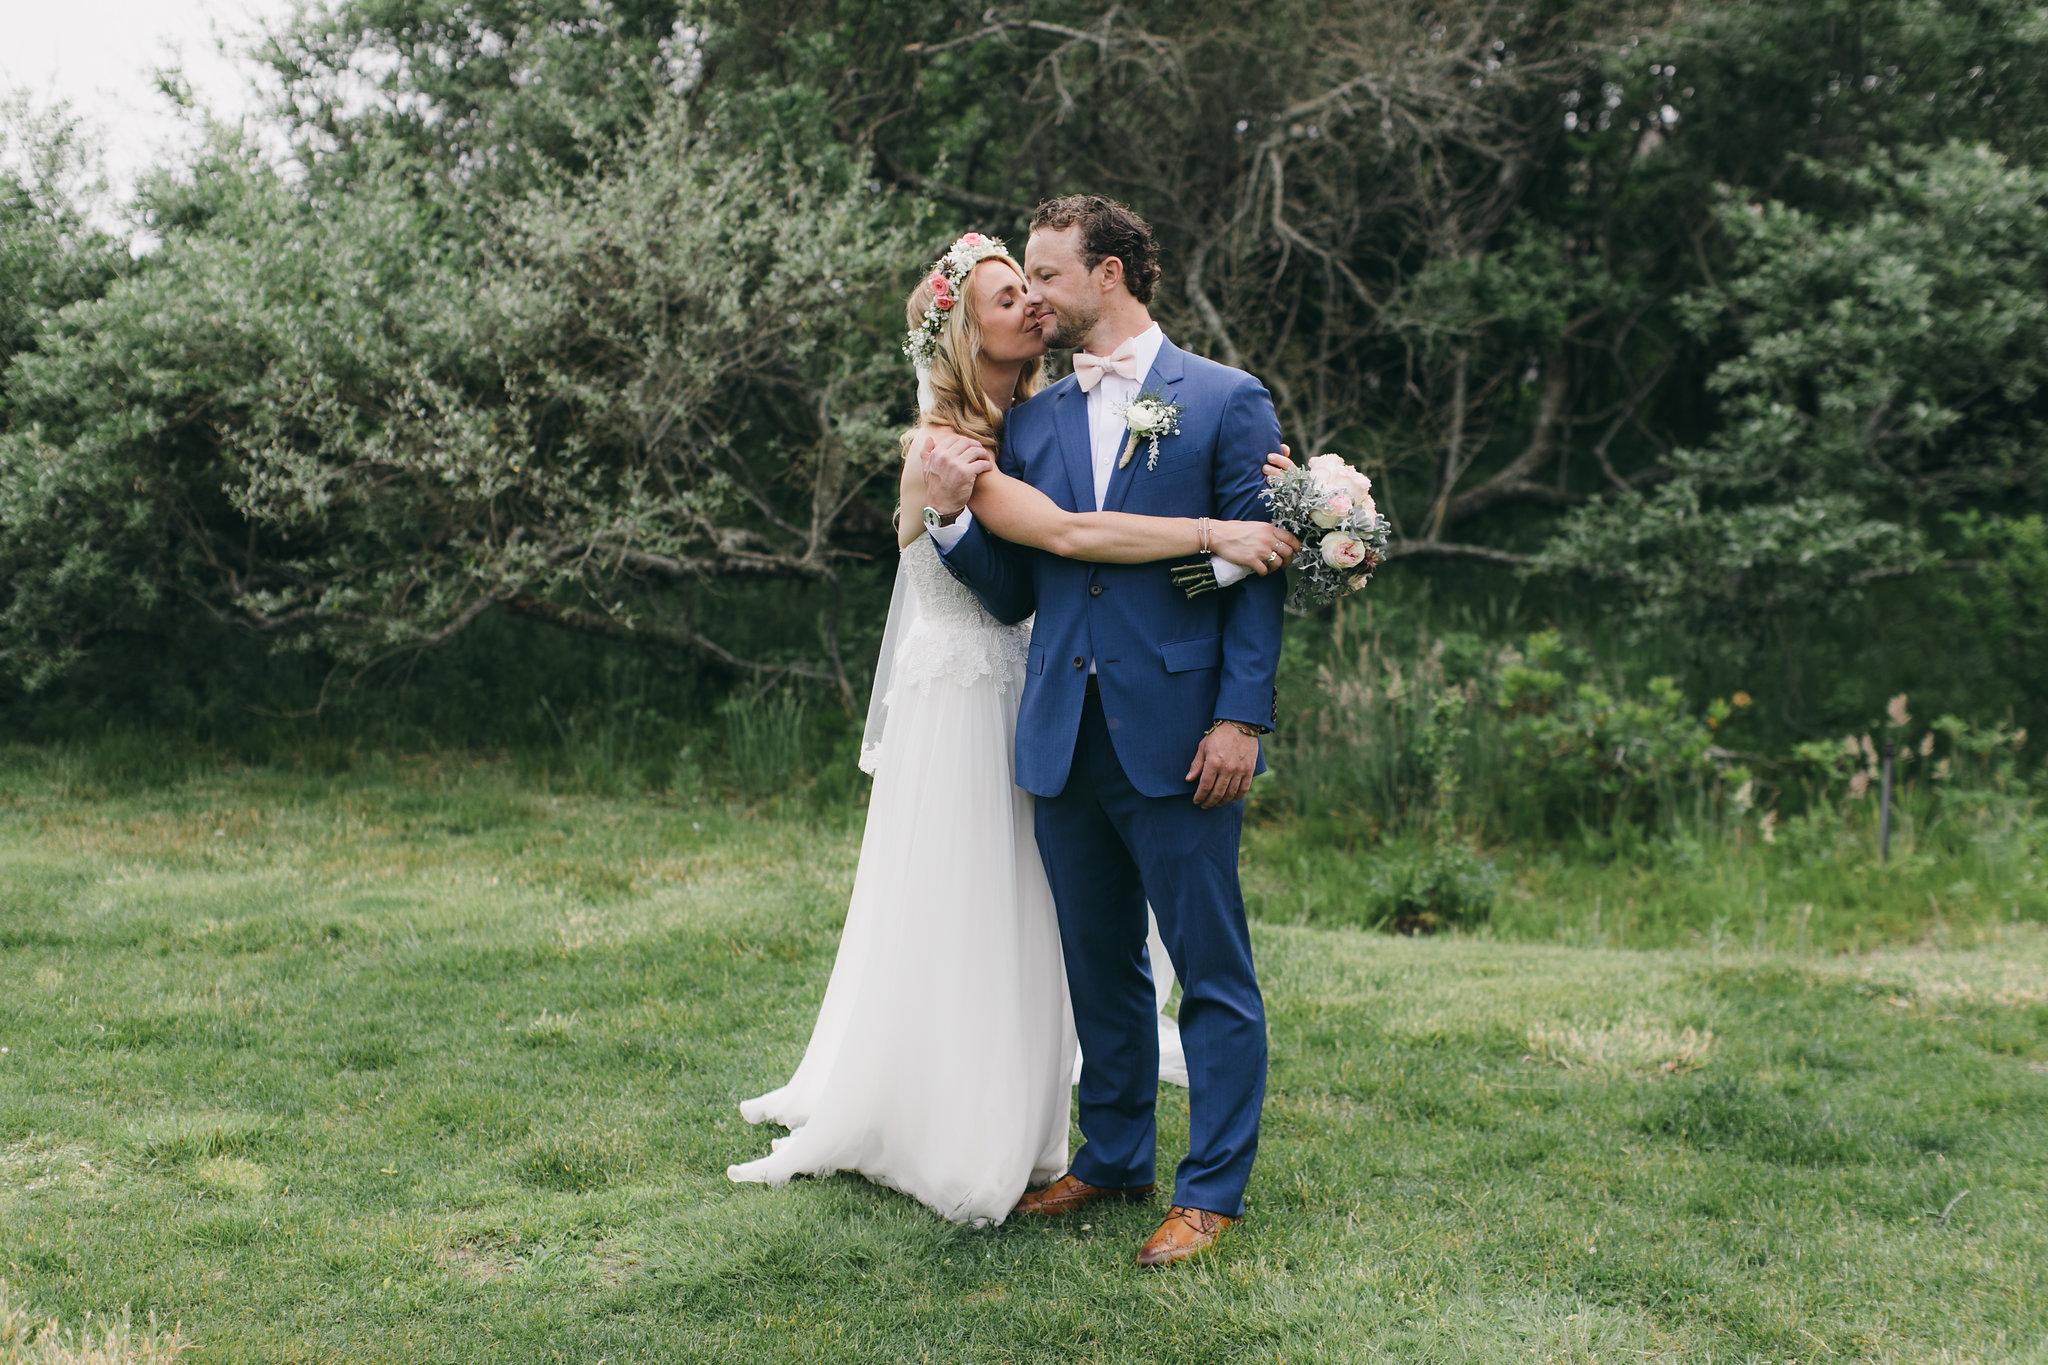 QD-Emily-TJ-Wedding-252.jpg